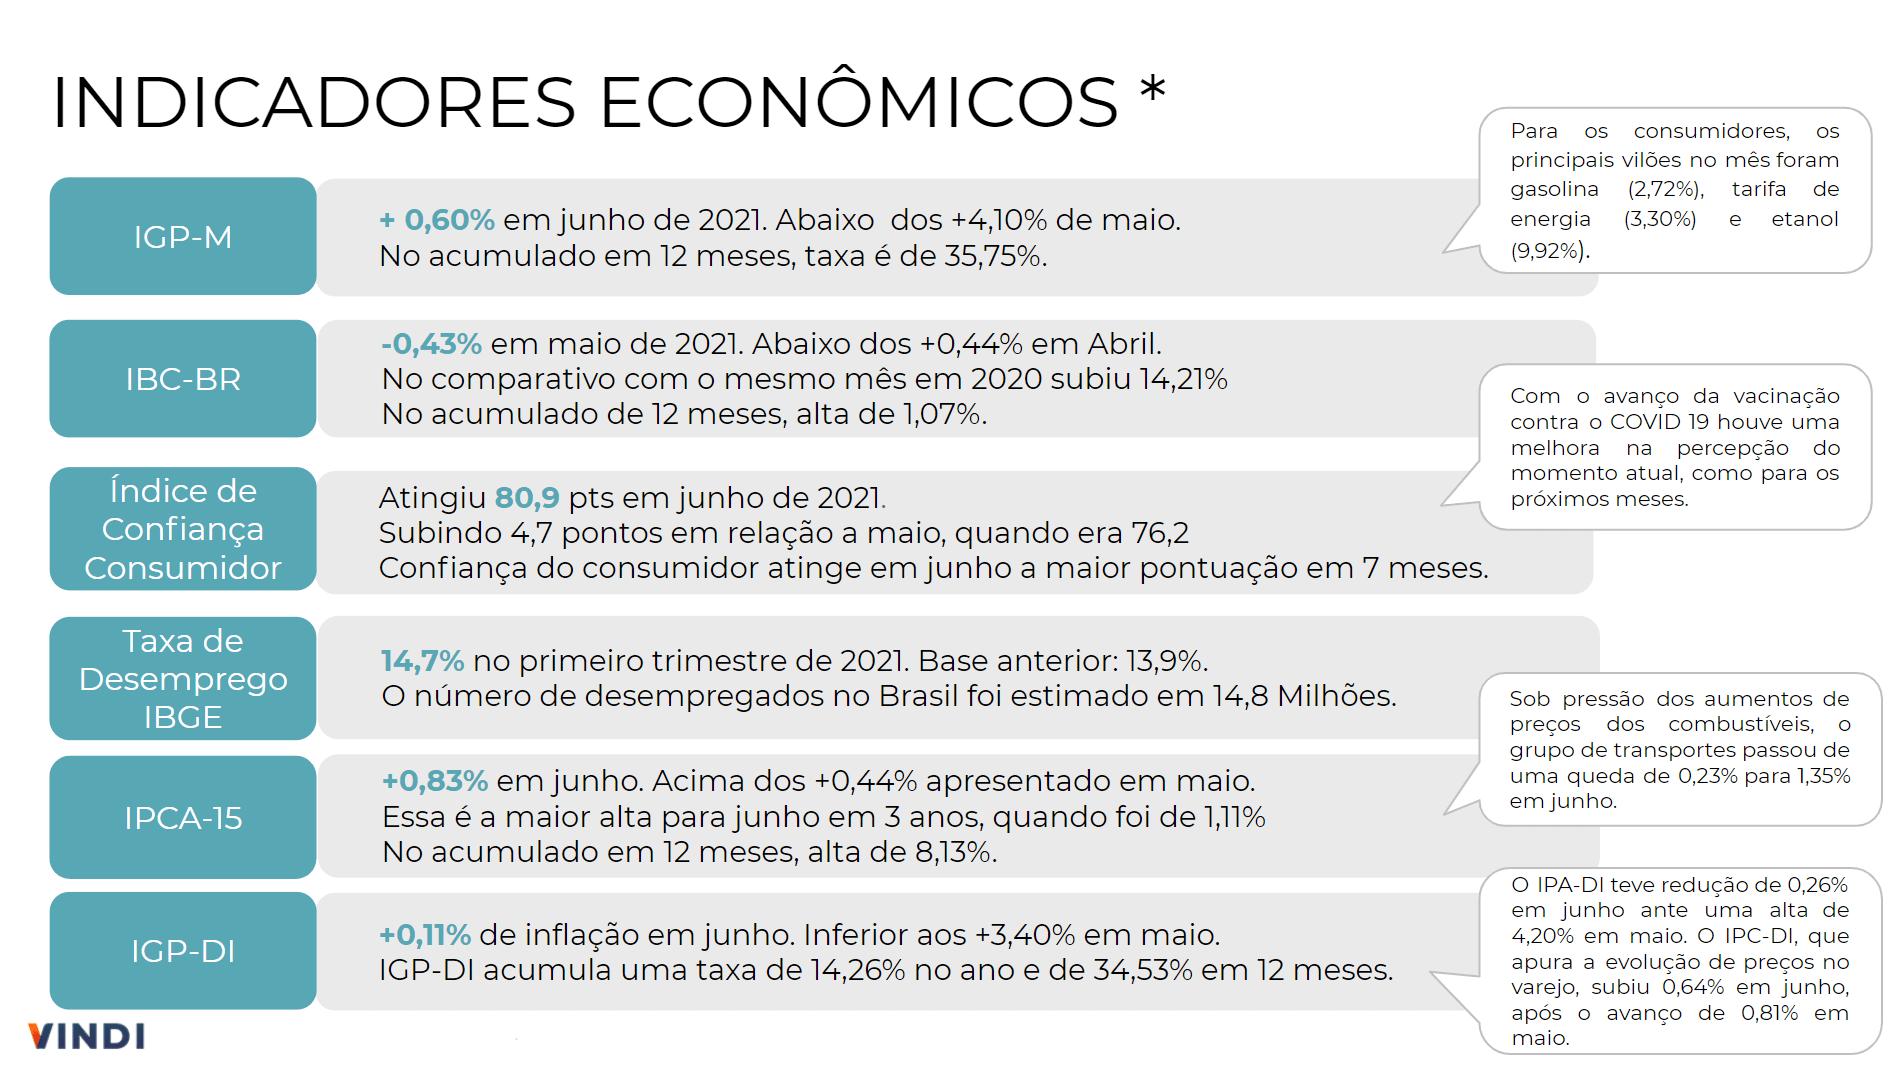 Indicadores Econômicos Brasil do Mês de Junho de 2021